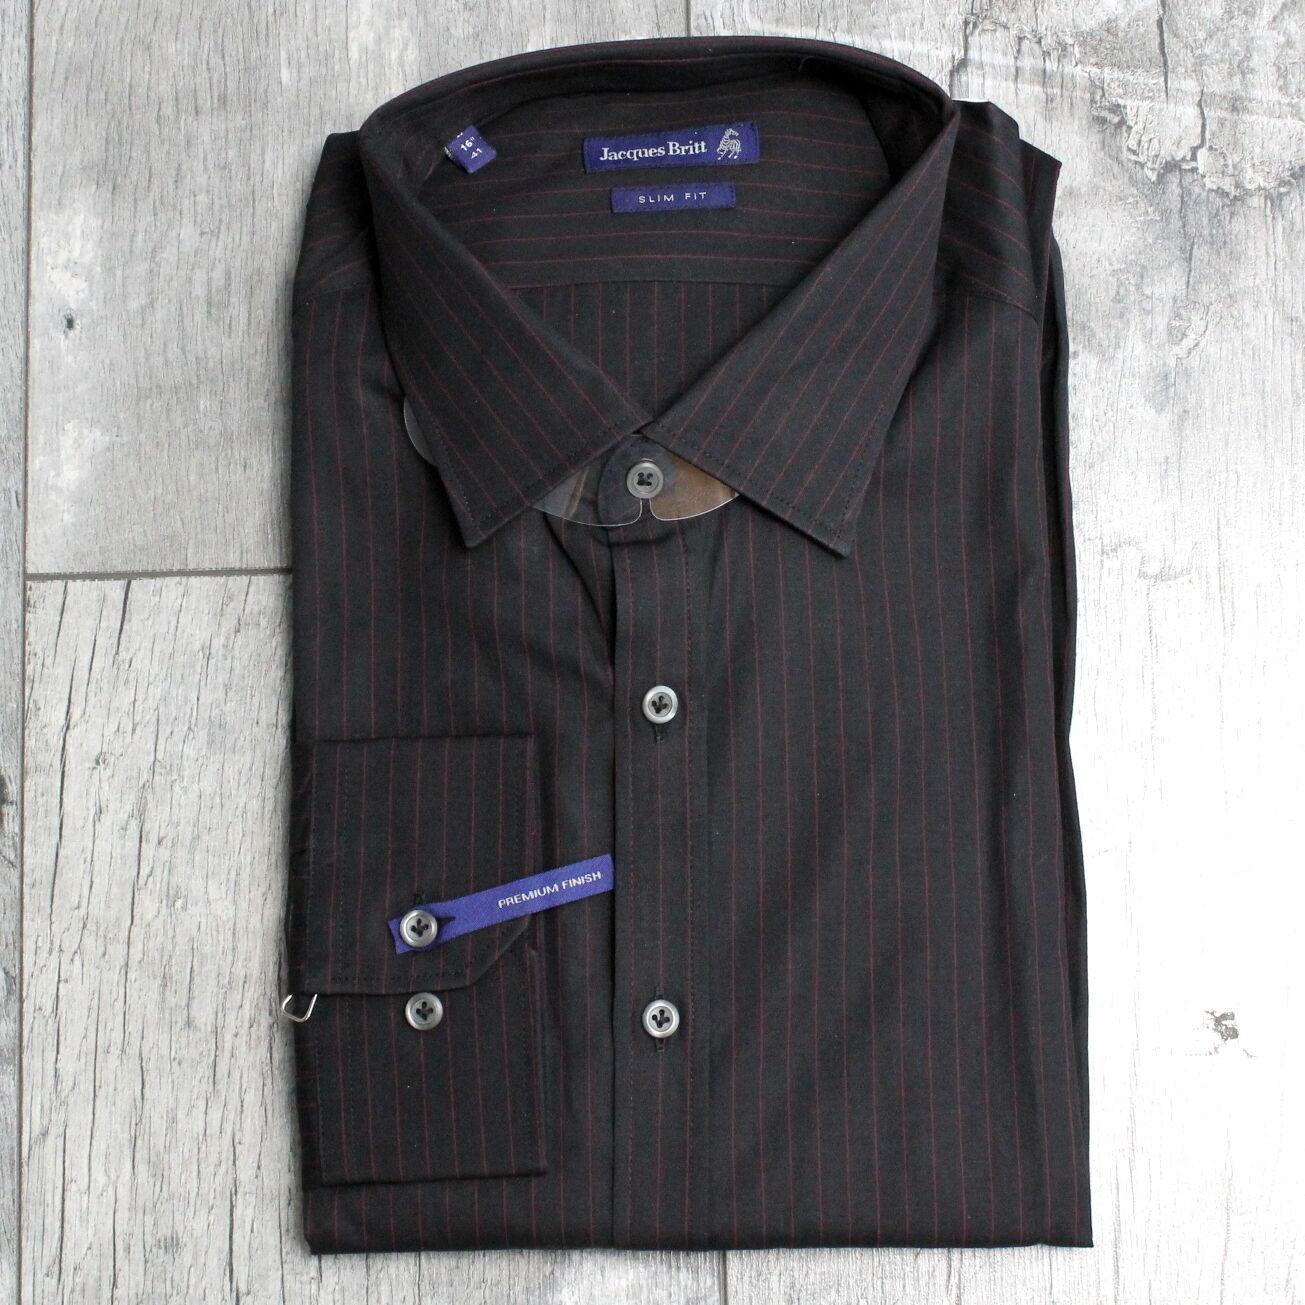 JACQUES BRITT Herren Gr. L/16,5'' Langarm Slim Fit Geschäft Hemd Schwarz A2425